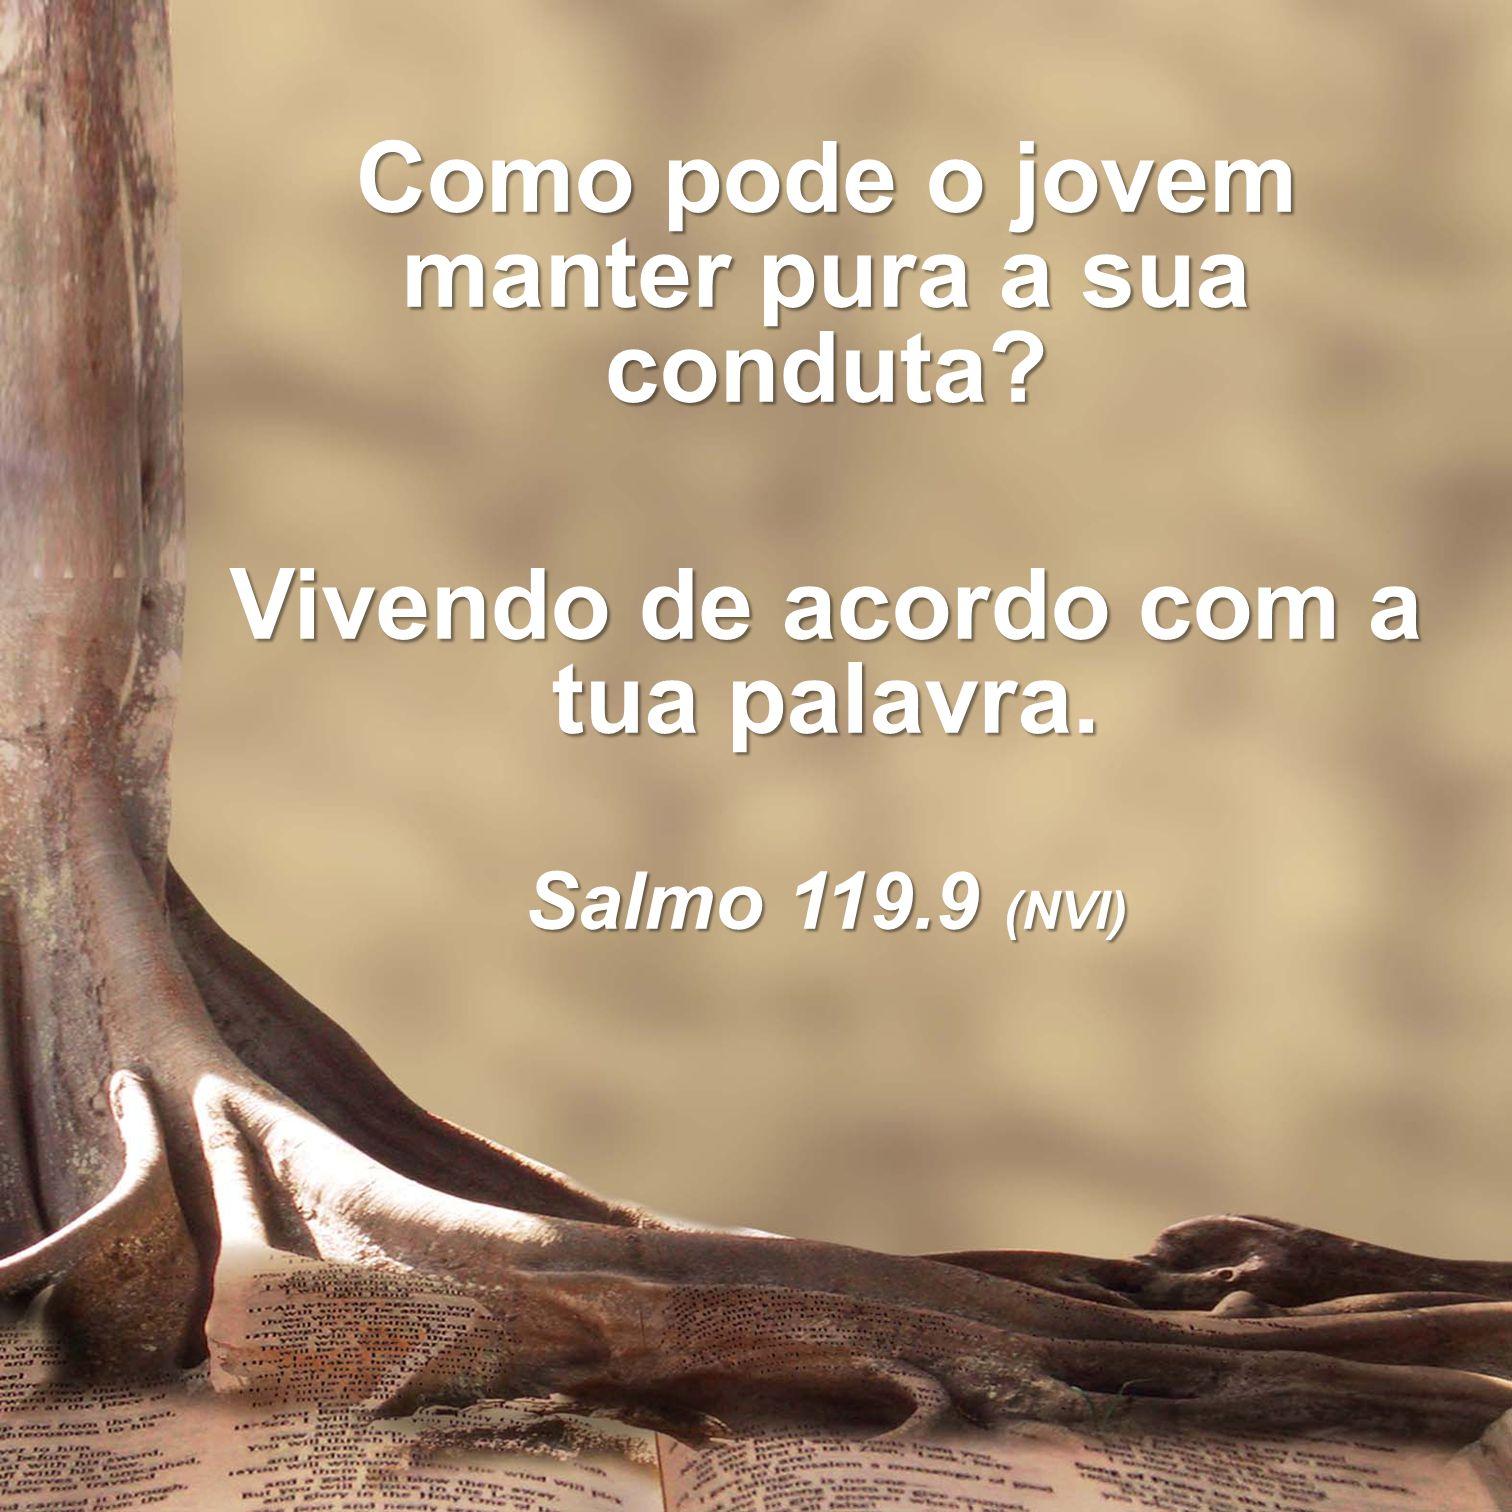 Como pode o jovem manter pura a sua conduta? Vivendo de acordo com a tua palavra. Salmo 119.9 (NVI)